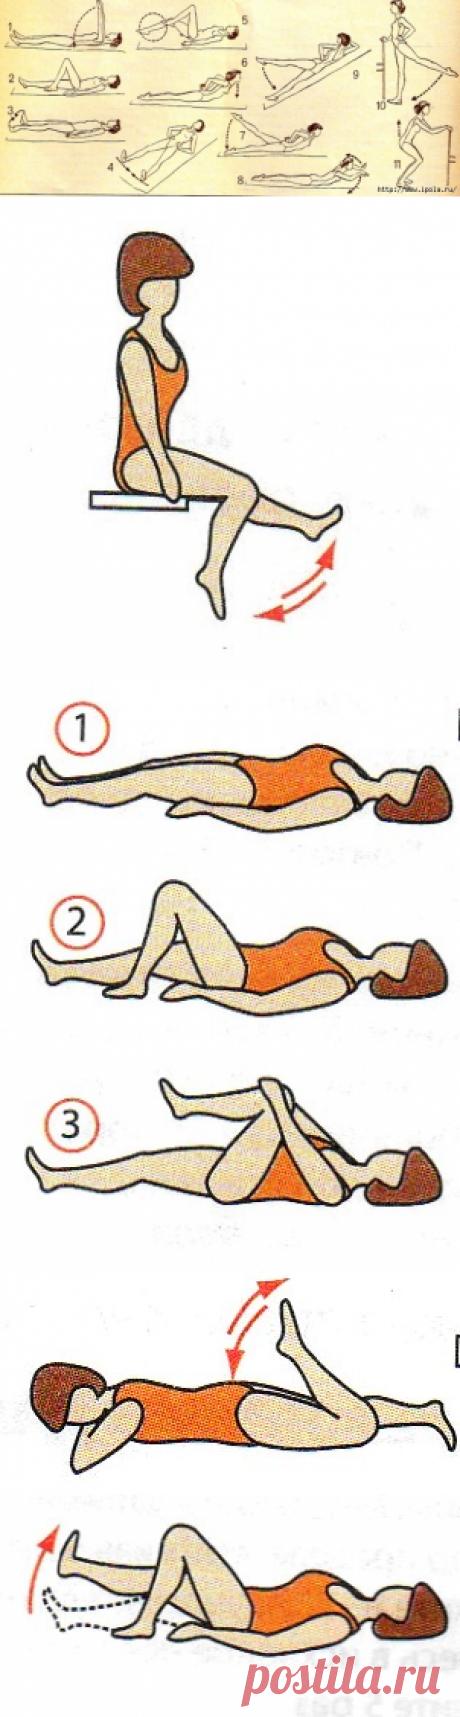 >Упражнения для коленных и тазобедренных суставов